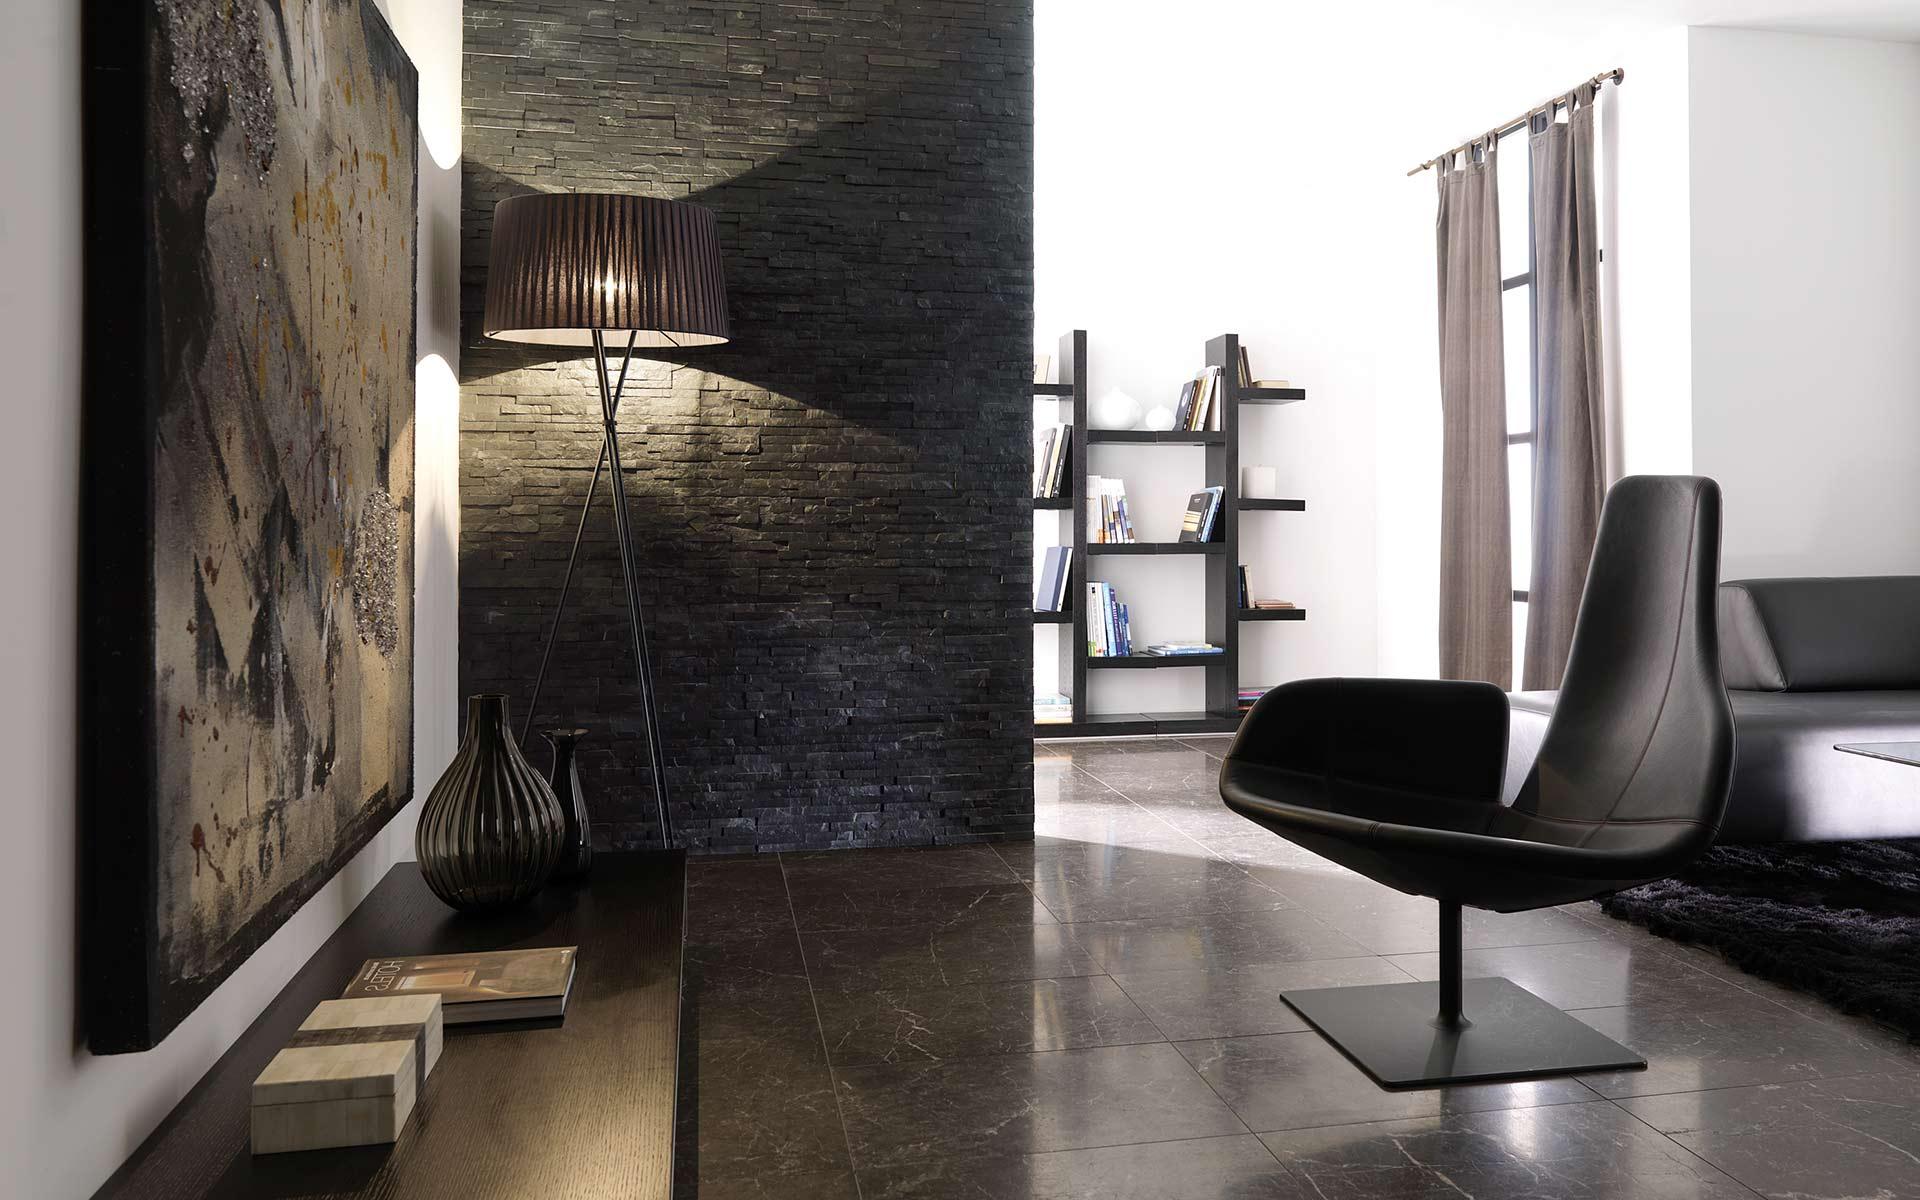 armbruster fliesen und natursteine schramberg cerostone keramik orion naturstein union. Black Bedroom Furniture Sets. Home Design Ideas